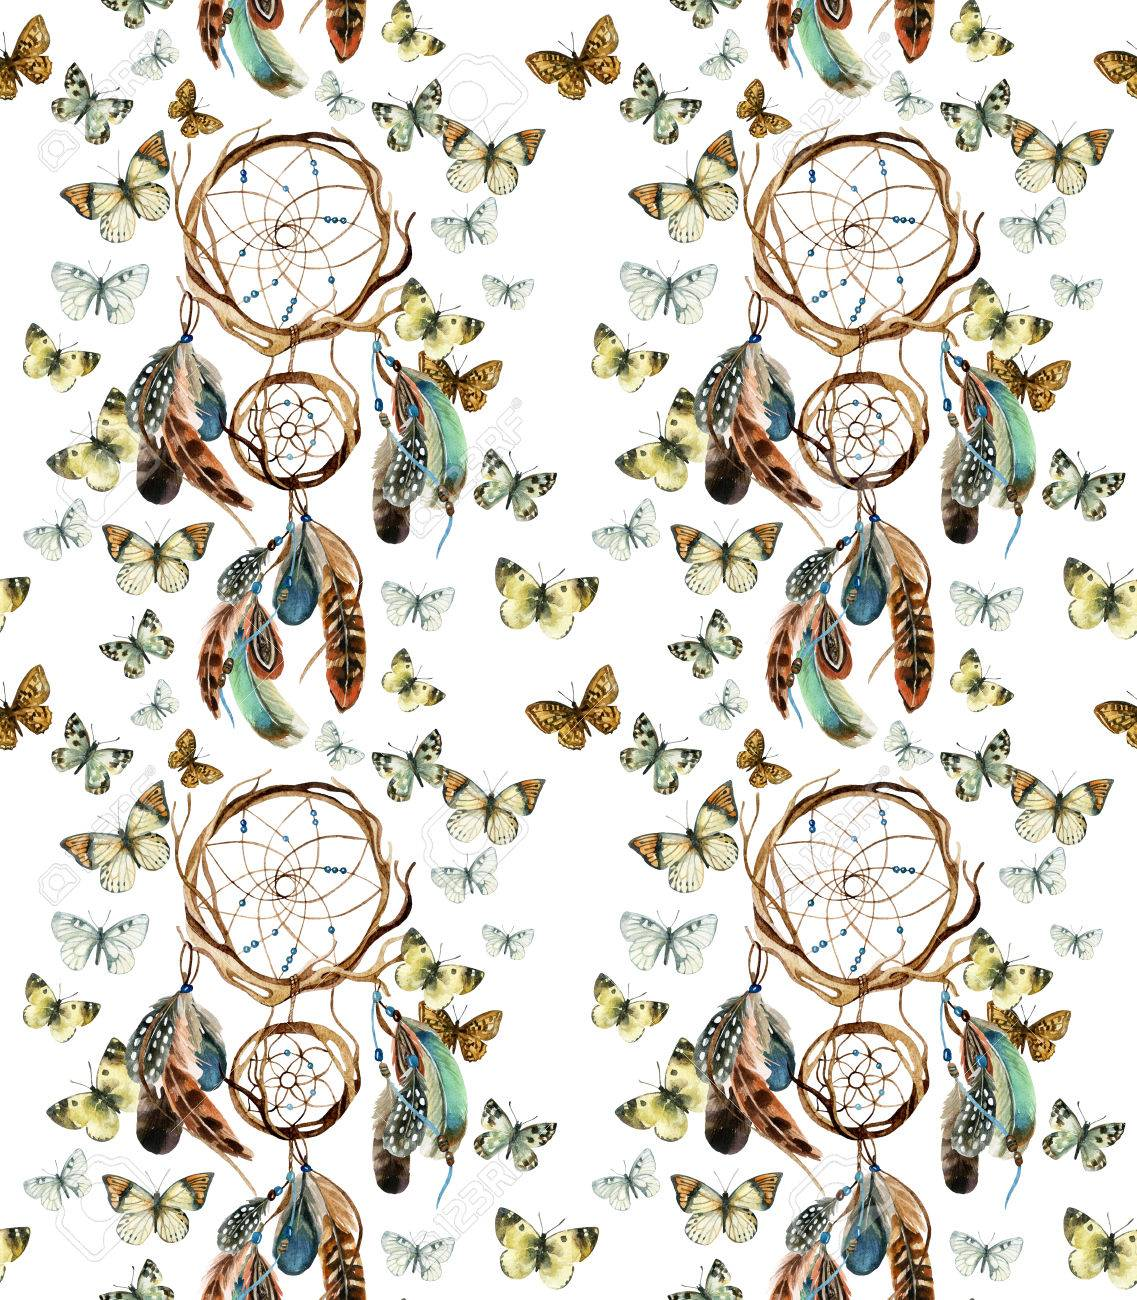 679167805bebe Atrapasueños con plumas. Acuarela dreamcatcher étnico y mariposas de  patrones sin fisuras. Ilustración pintada